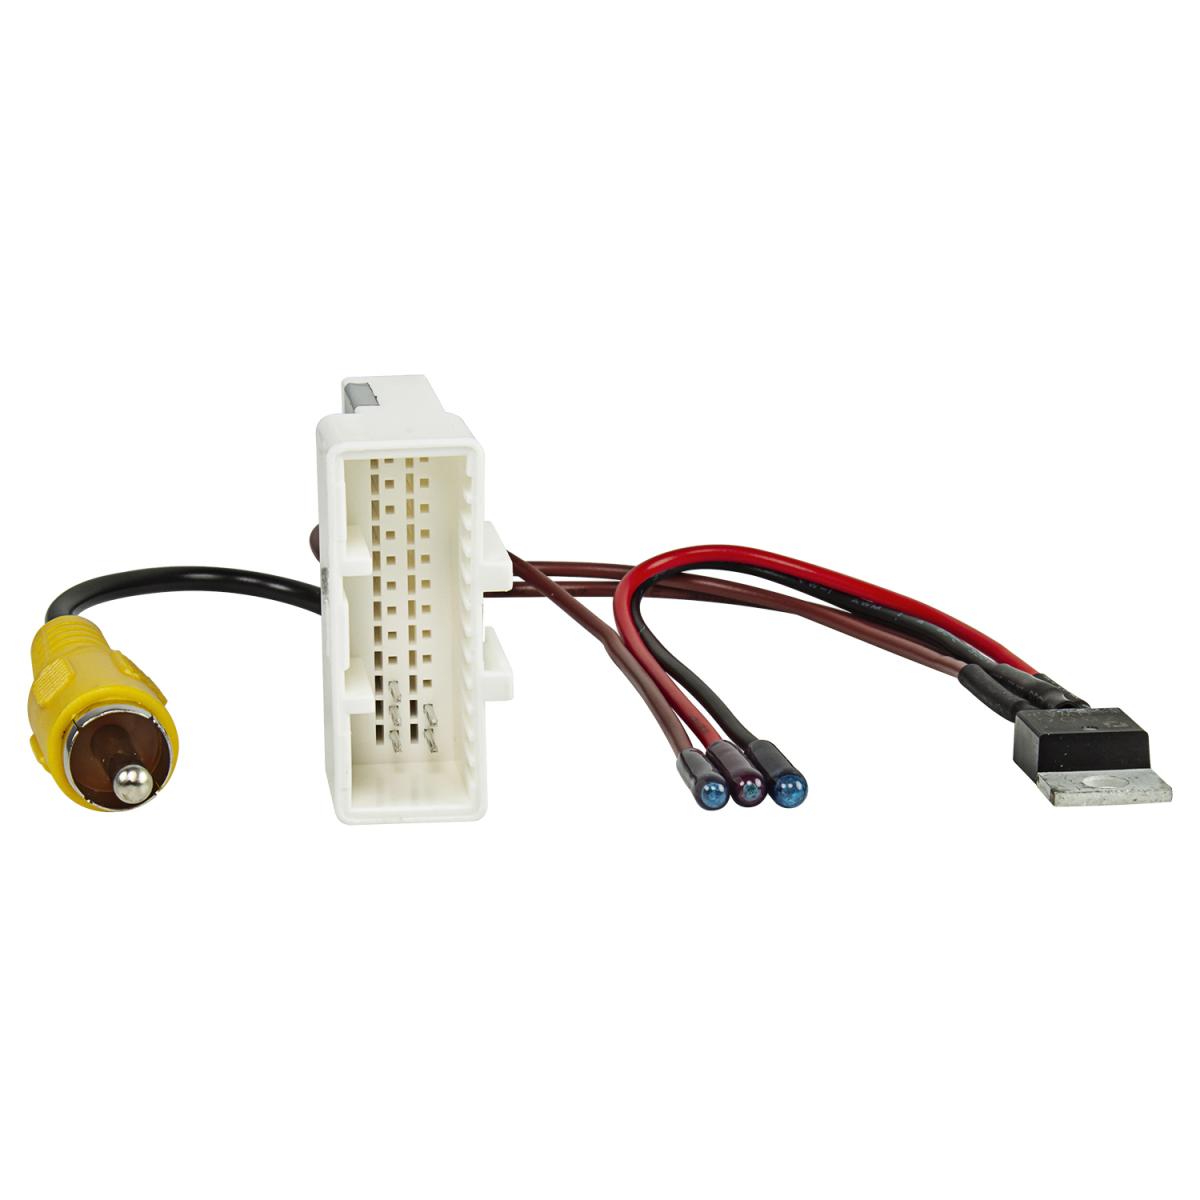 DIN Kabel Adapter Stecker Autoradio passend für  TOYOTA PRIUS YARIS RAV 4 AURIS